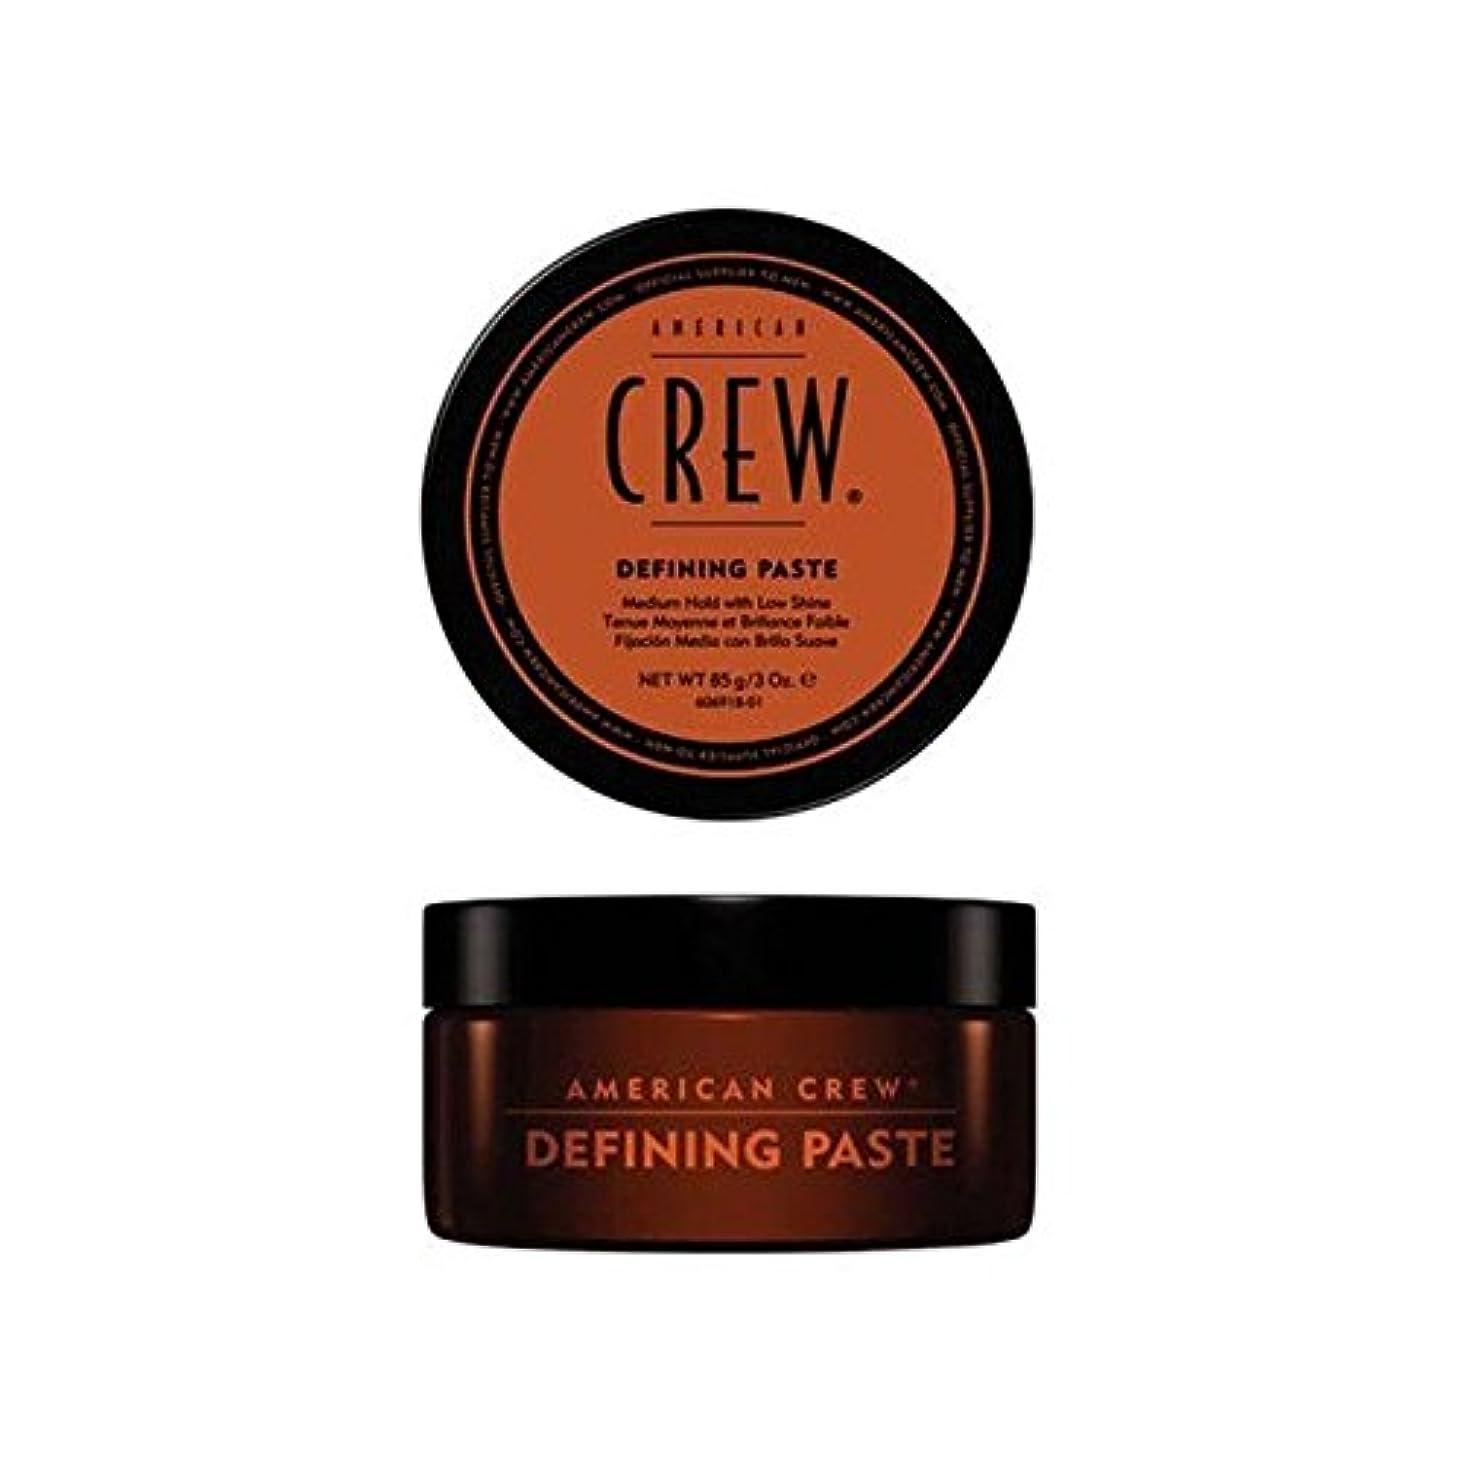 かかわらず咽頭著名なアメリカの乗組員の定義ペースト(85グラム) x2 - American Crew Defining Paste (85G) (Pack of 2) [並行輸入品]